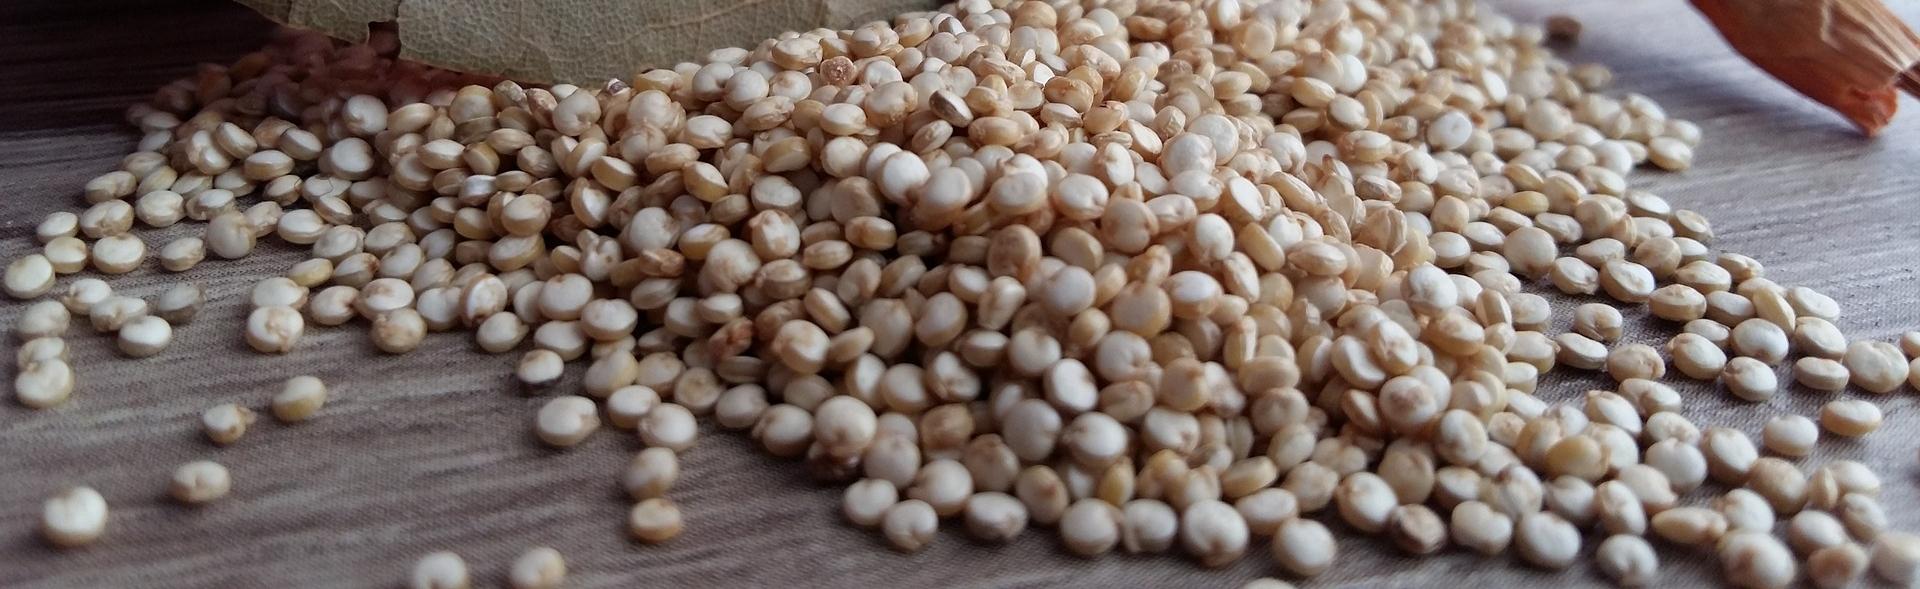 komosa ryżowa pochodzi z Ameryki Południowej